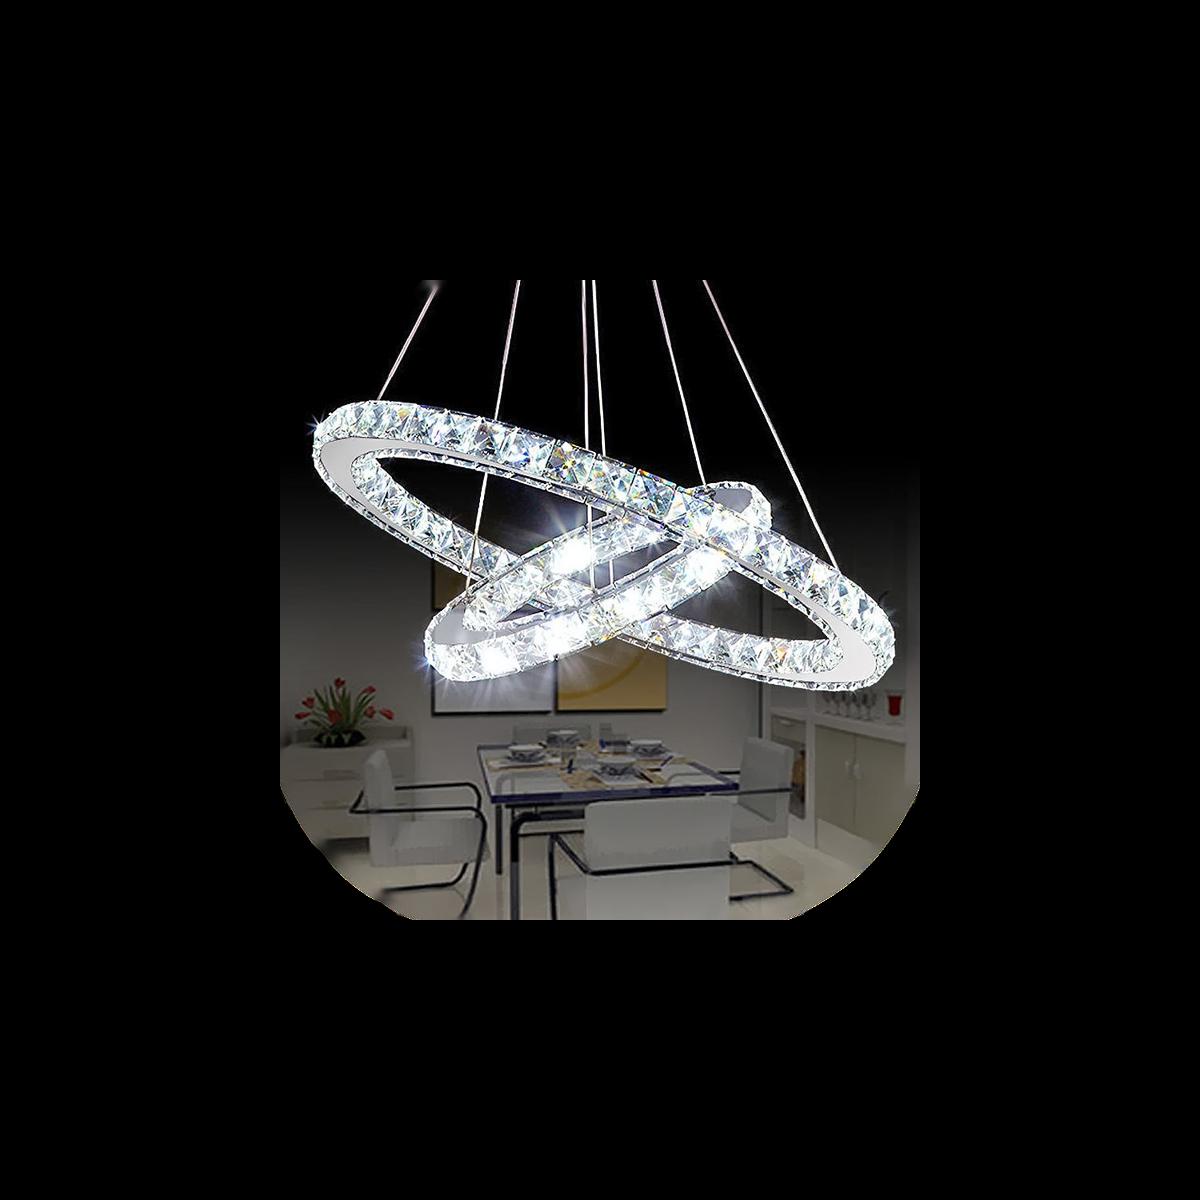 lamp1_1200